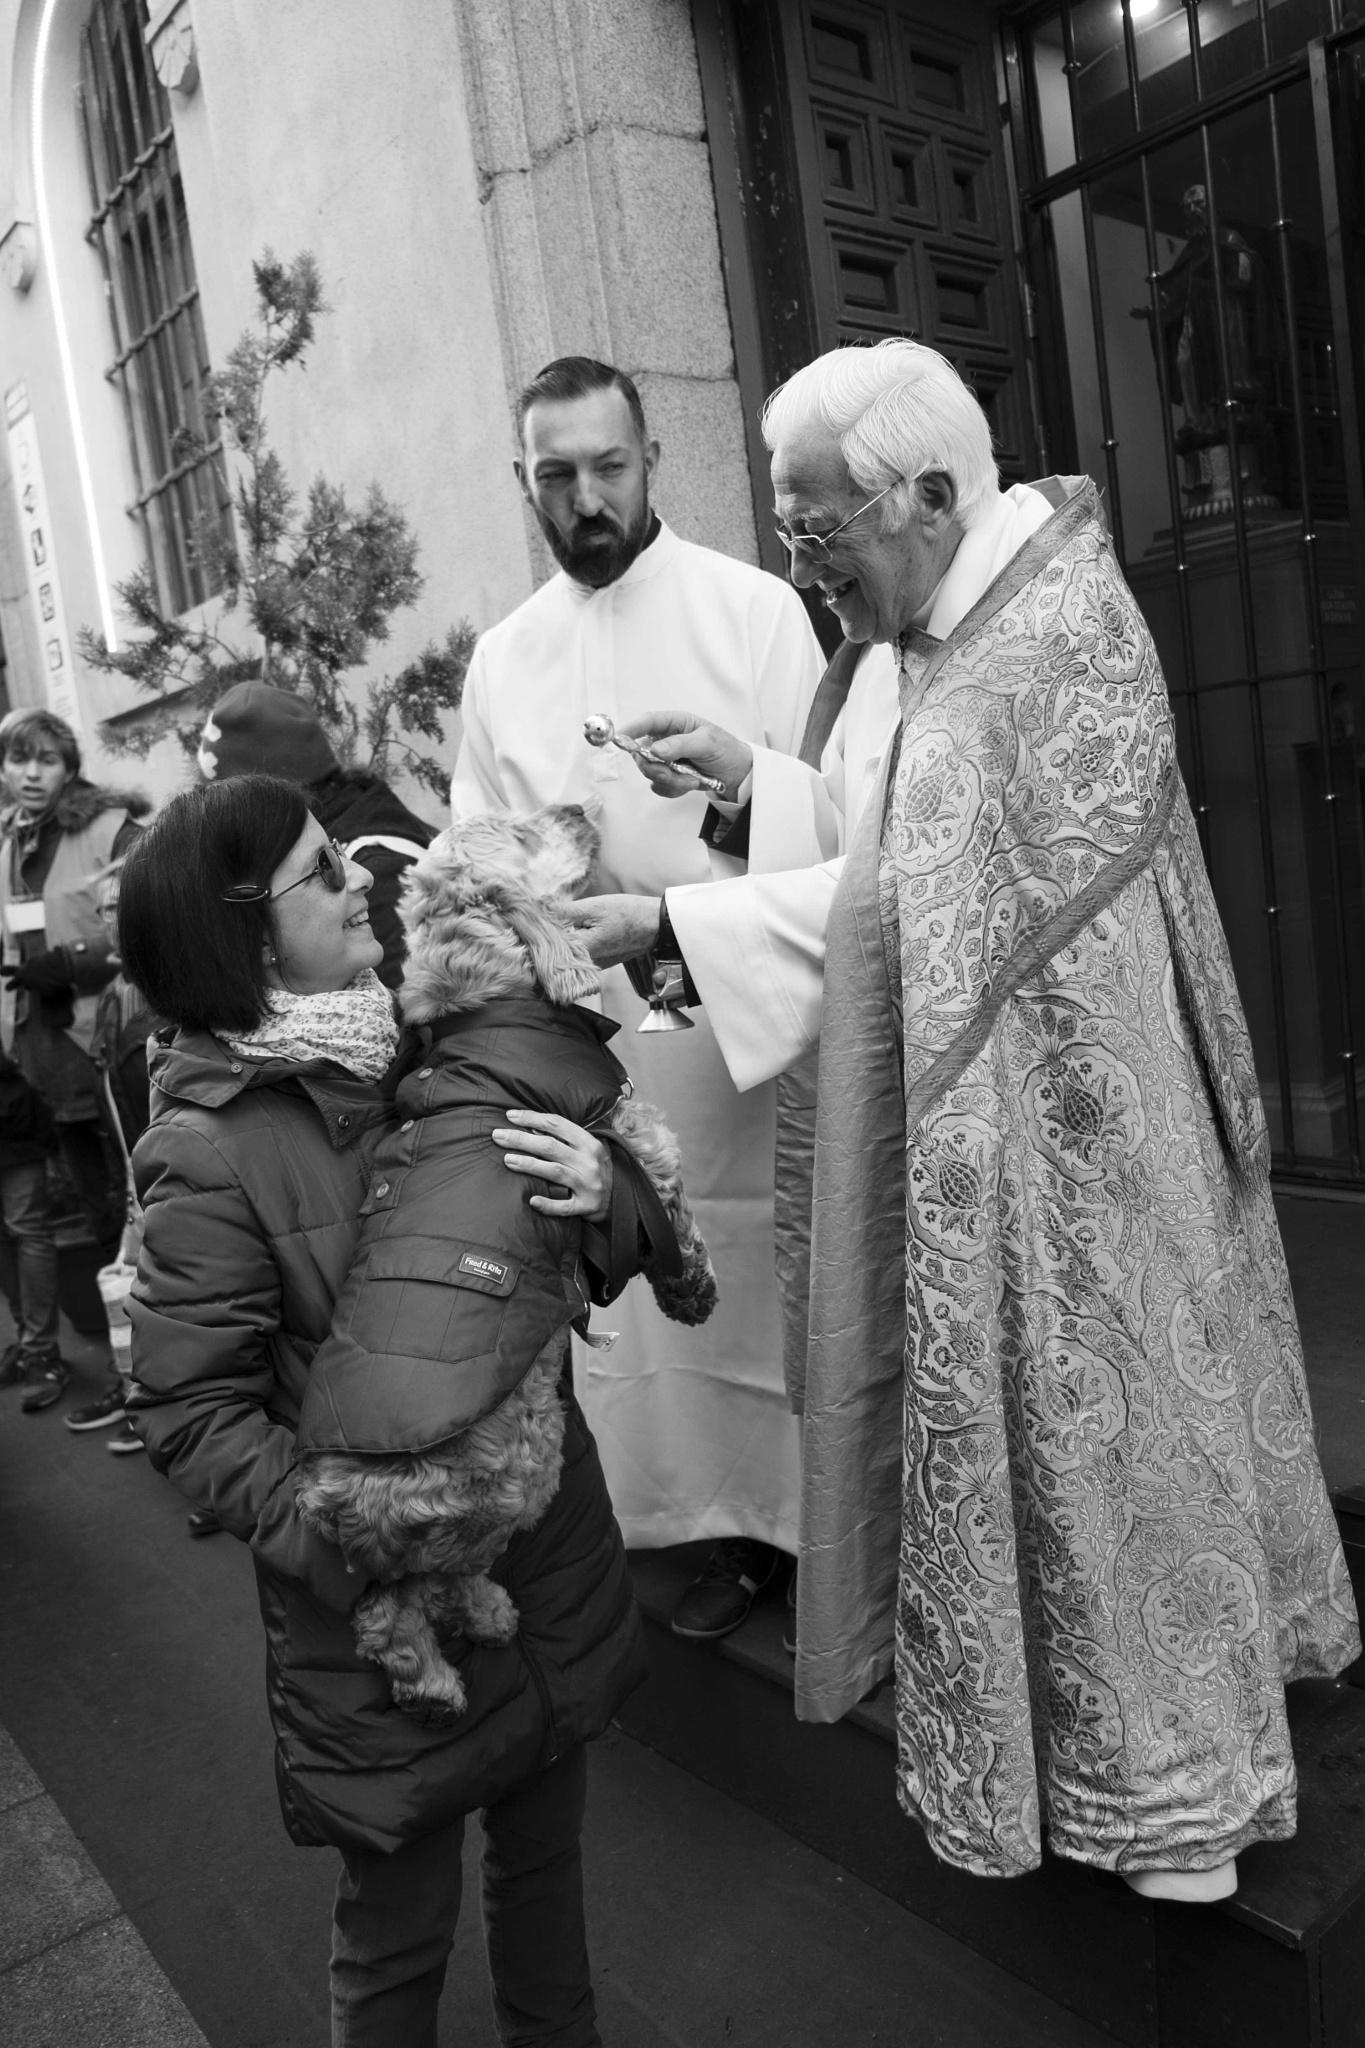 Saint Anton's day (Patron Saint of animals) by juliandelnogal